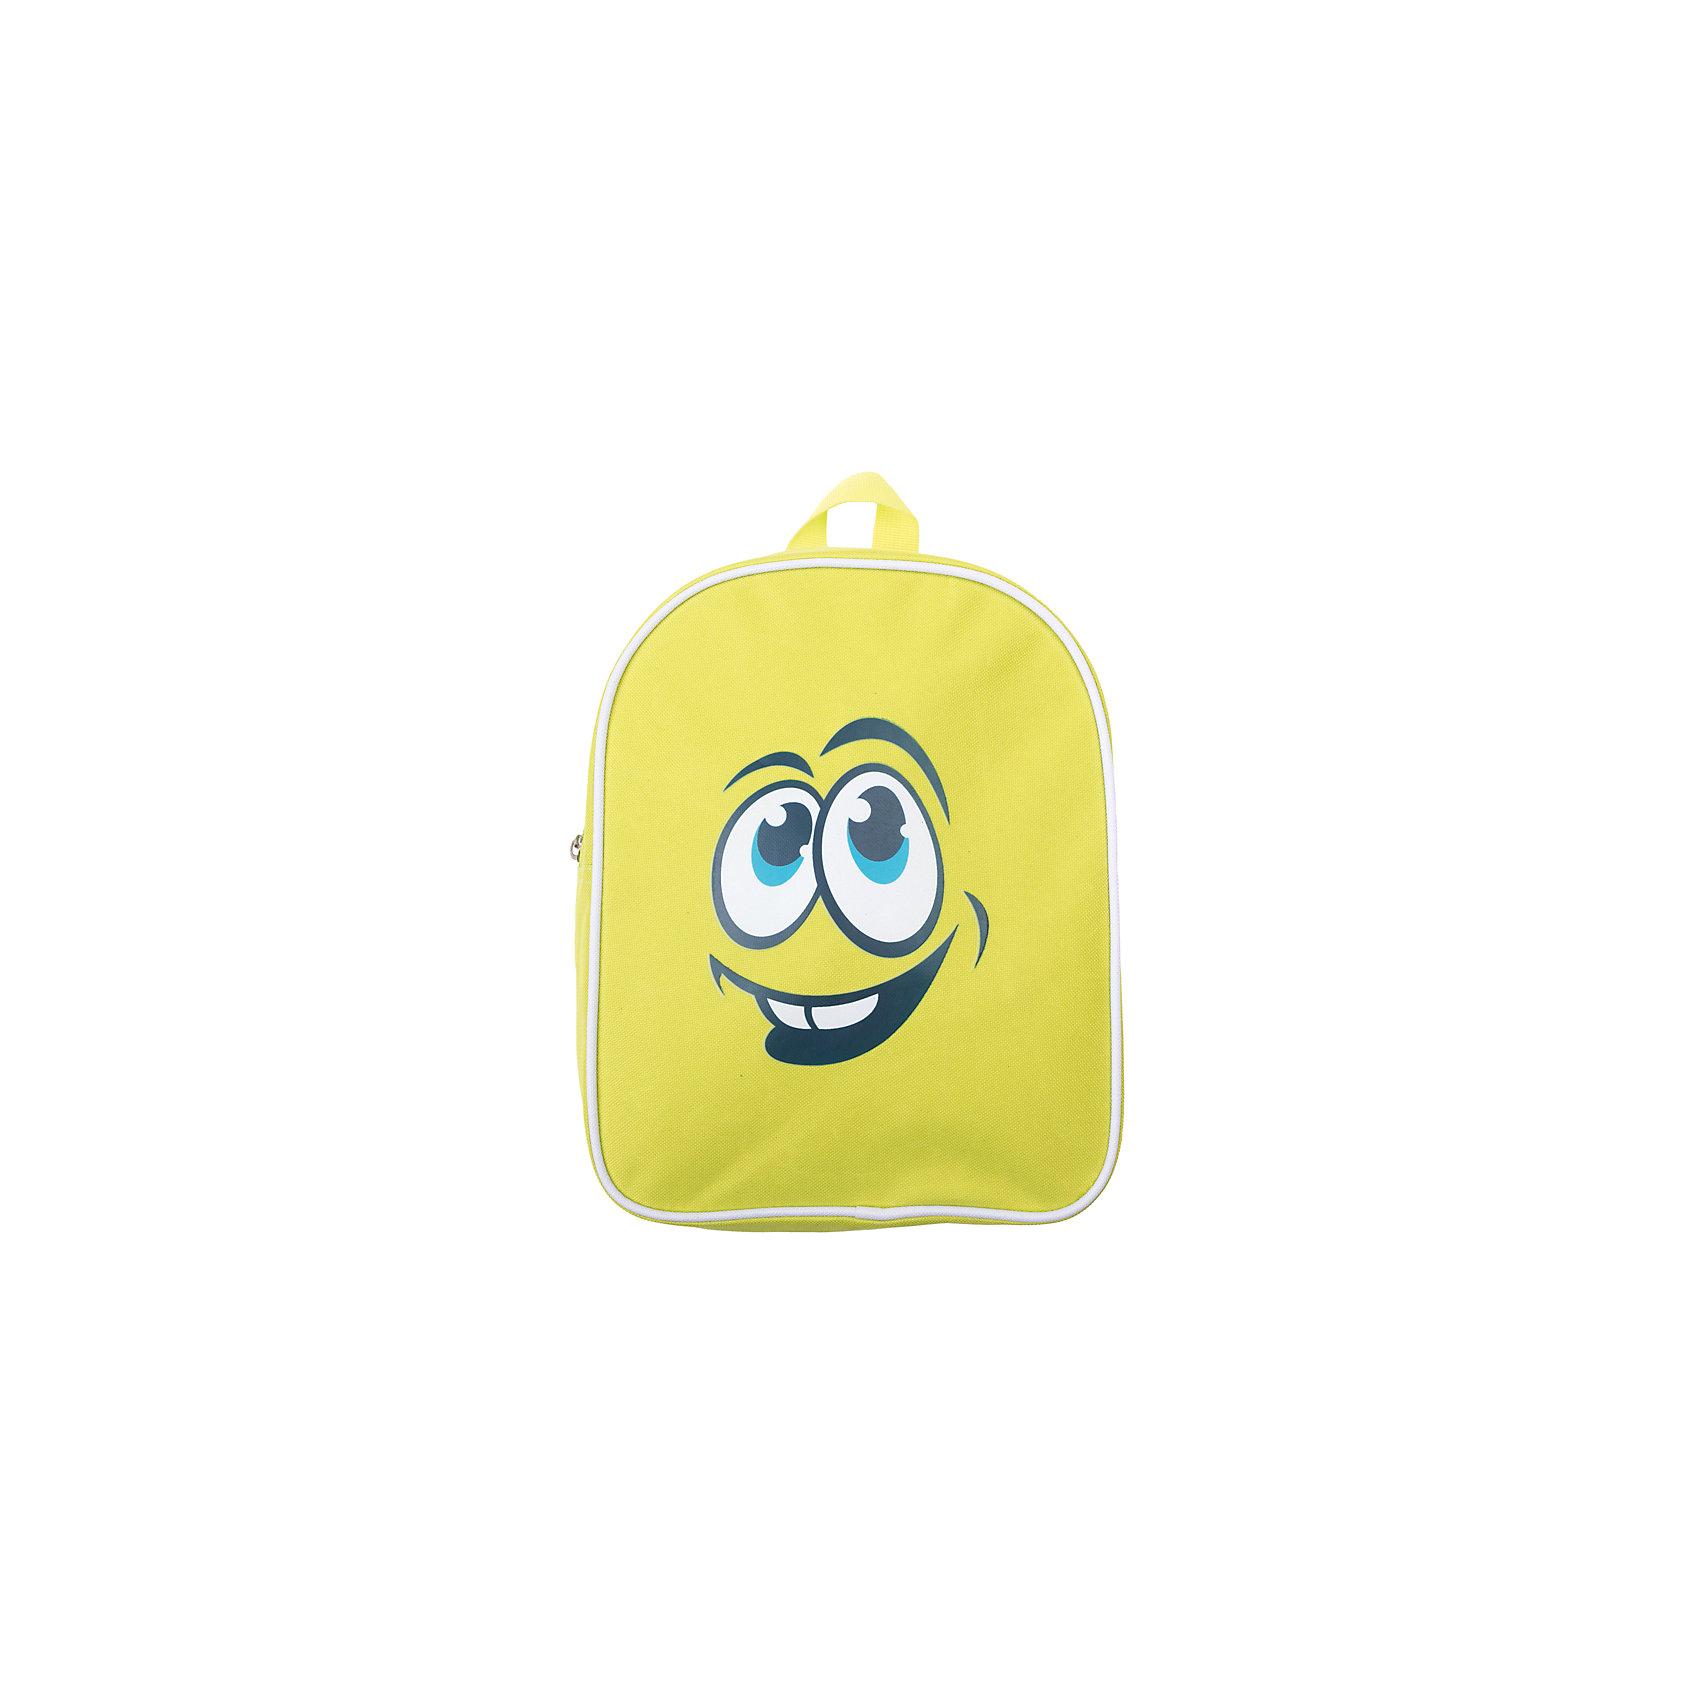 Рюкзак для мальчика PlayTodayСицилия<br>Характеристики товара:<br><br>• цвет: желтый<br>• состав: 100% полиэстер<br>• подкладка: 100% полиэстер<br>• количество отделений: 1<br>• дополнительный вкладной мешок для обуви<br>• широкие регулируемые лямки<br>• петля для подвешивания рюкзака<br>• застёжка: молния<br>• размер упаковки: 33х23х4 см<br>• вес в упаковке: 235 грамм<br>• страна бренда: Германия<br>• страна производства: Китай<br><br>Удобный рюкзак в стиле милитари с забавным принтом. Внутри дополнительный вкладной мешок, в который можно класть обувь. Рюкзак на молнии с одним отделением и широкими регулируемыми по длине лямками.<br><br>Рюкзак для мальчика от известного бренда PlayToday можно купить в нашем интернет-магазине.<br><br>Ширина мм: 227<br>Глубина мм: 11<br>Высота мм: 226<br>Вес г: 350<br>Цвет: белый<br>Возраст от месяцев: 6<br>Возраст до месяцев: 9<br>Пол: Мужской<br>Возраст: Детский<br>Размер: one size<br>SKU: 5407681